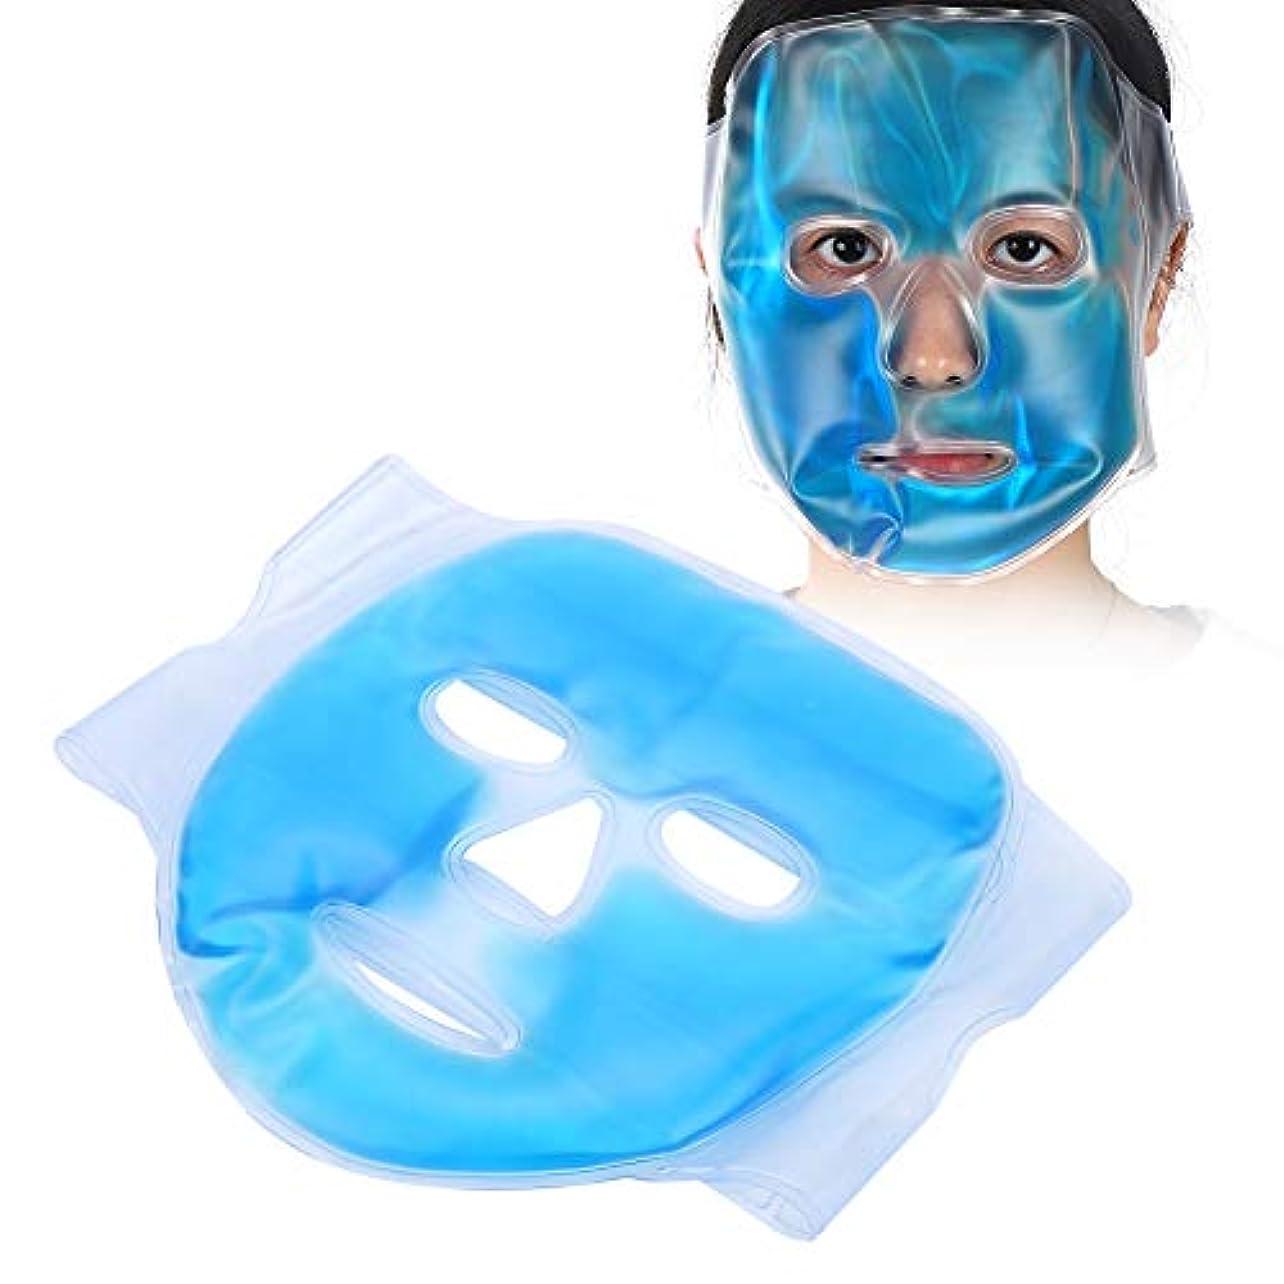 いっぱい残り運命保湿 ジェル ブルー フェイスマスク 疲労緩和 リラクゼーション フルフェイスクーリングマスク